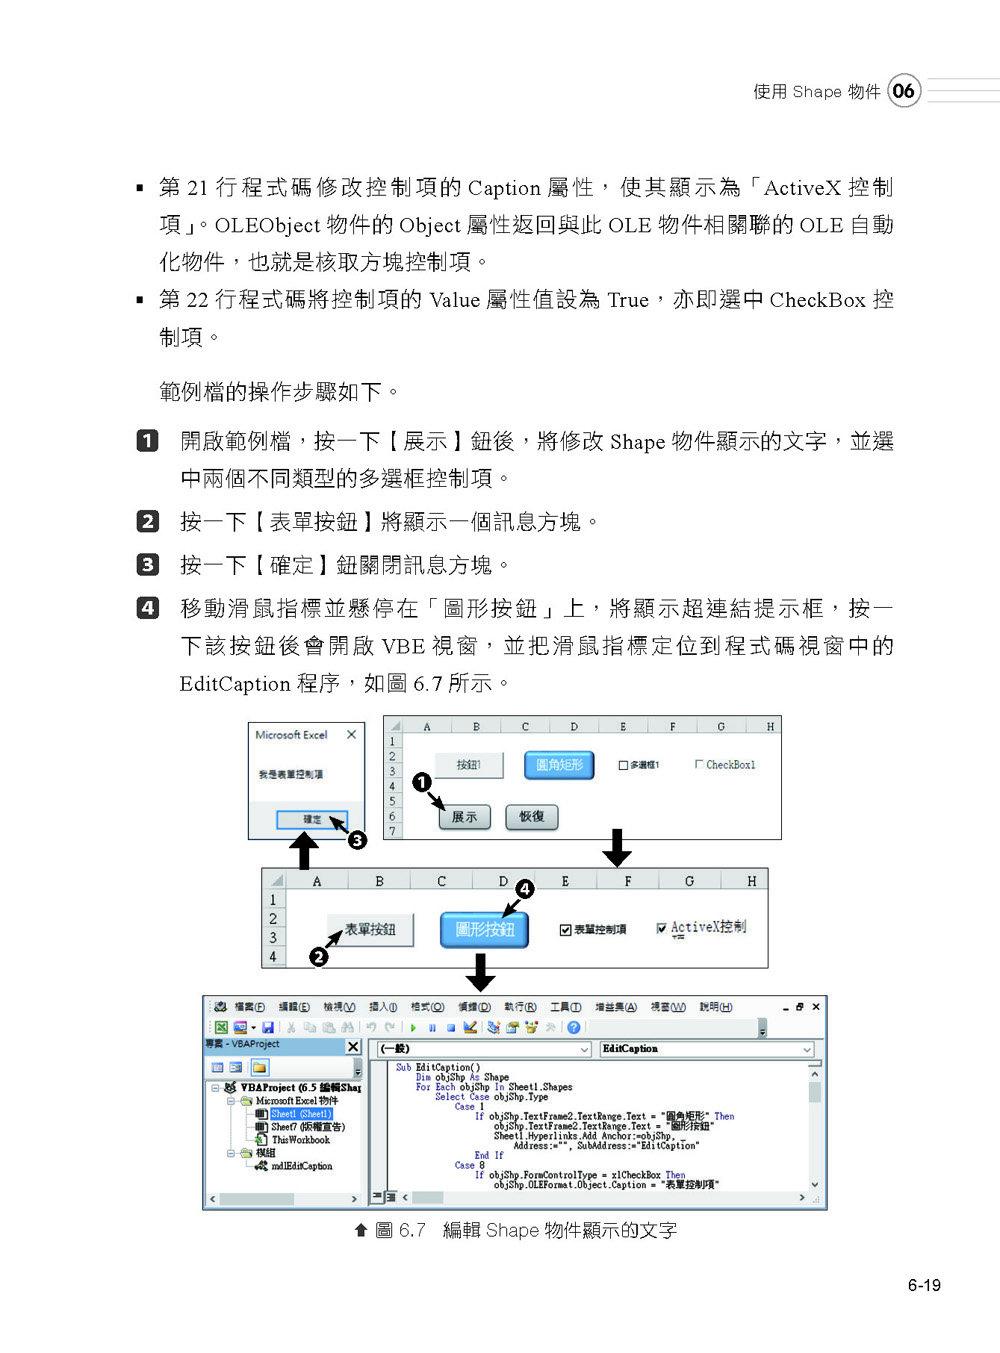 Excel VBA 經典程式碼:一行抵萬行「偷懶程式碼」應用大全 (上)-preview-11